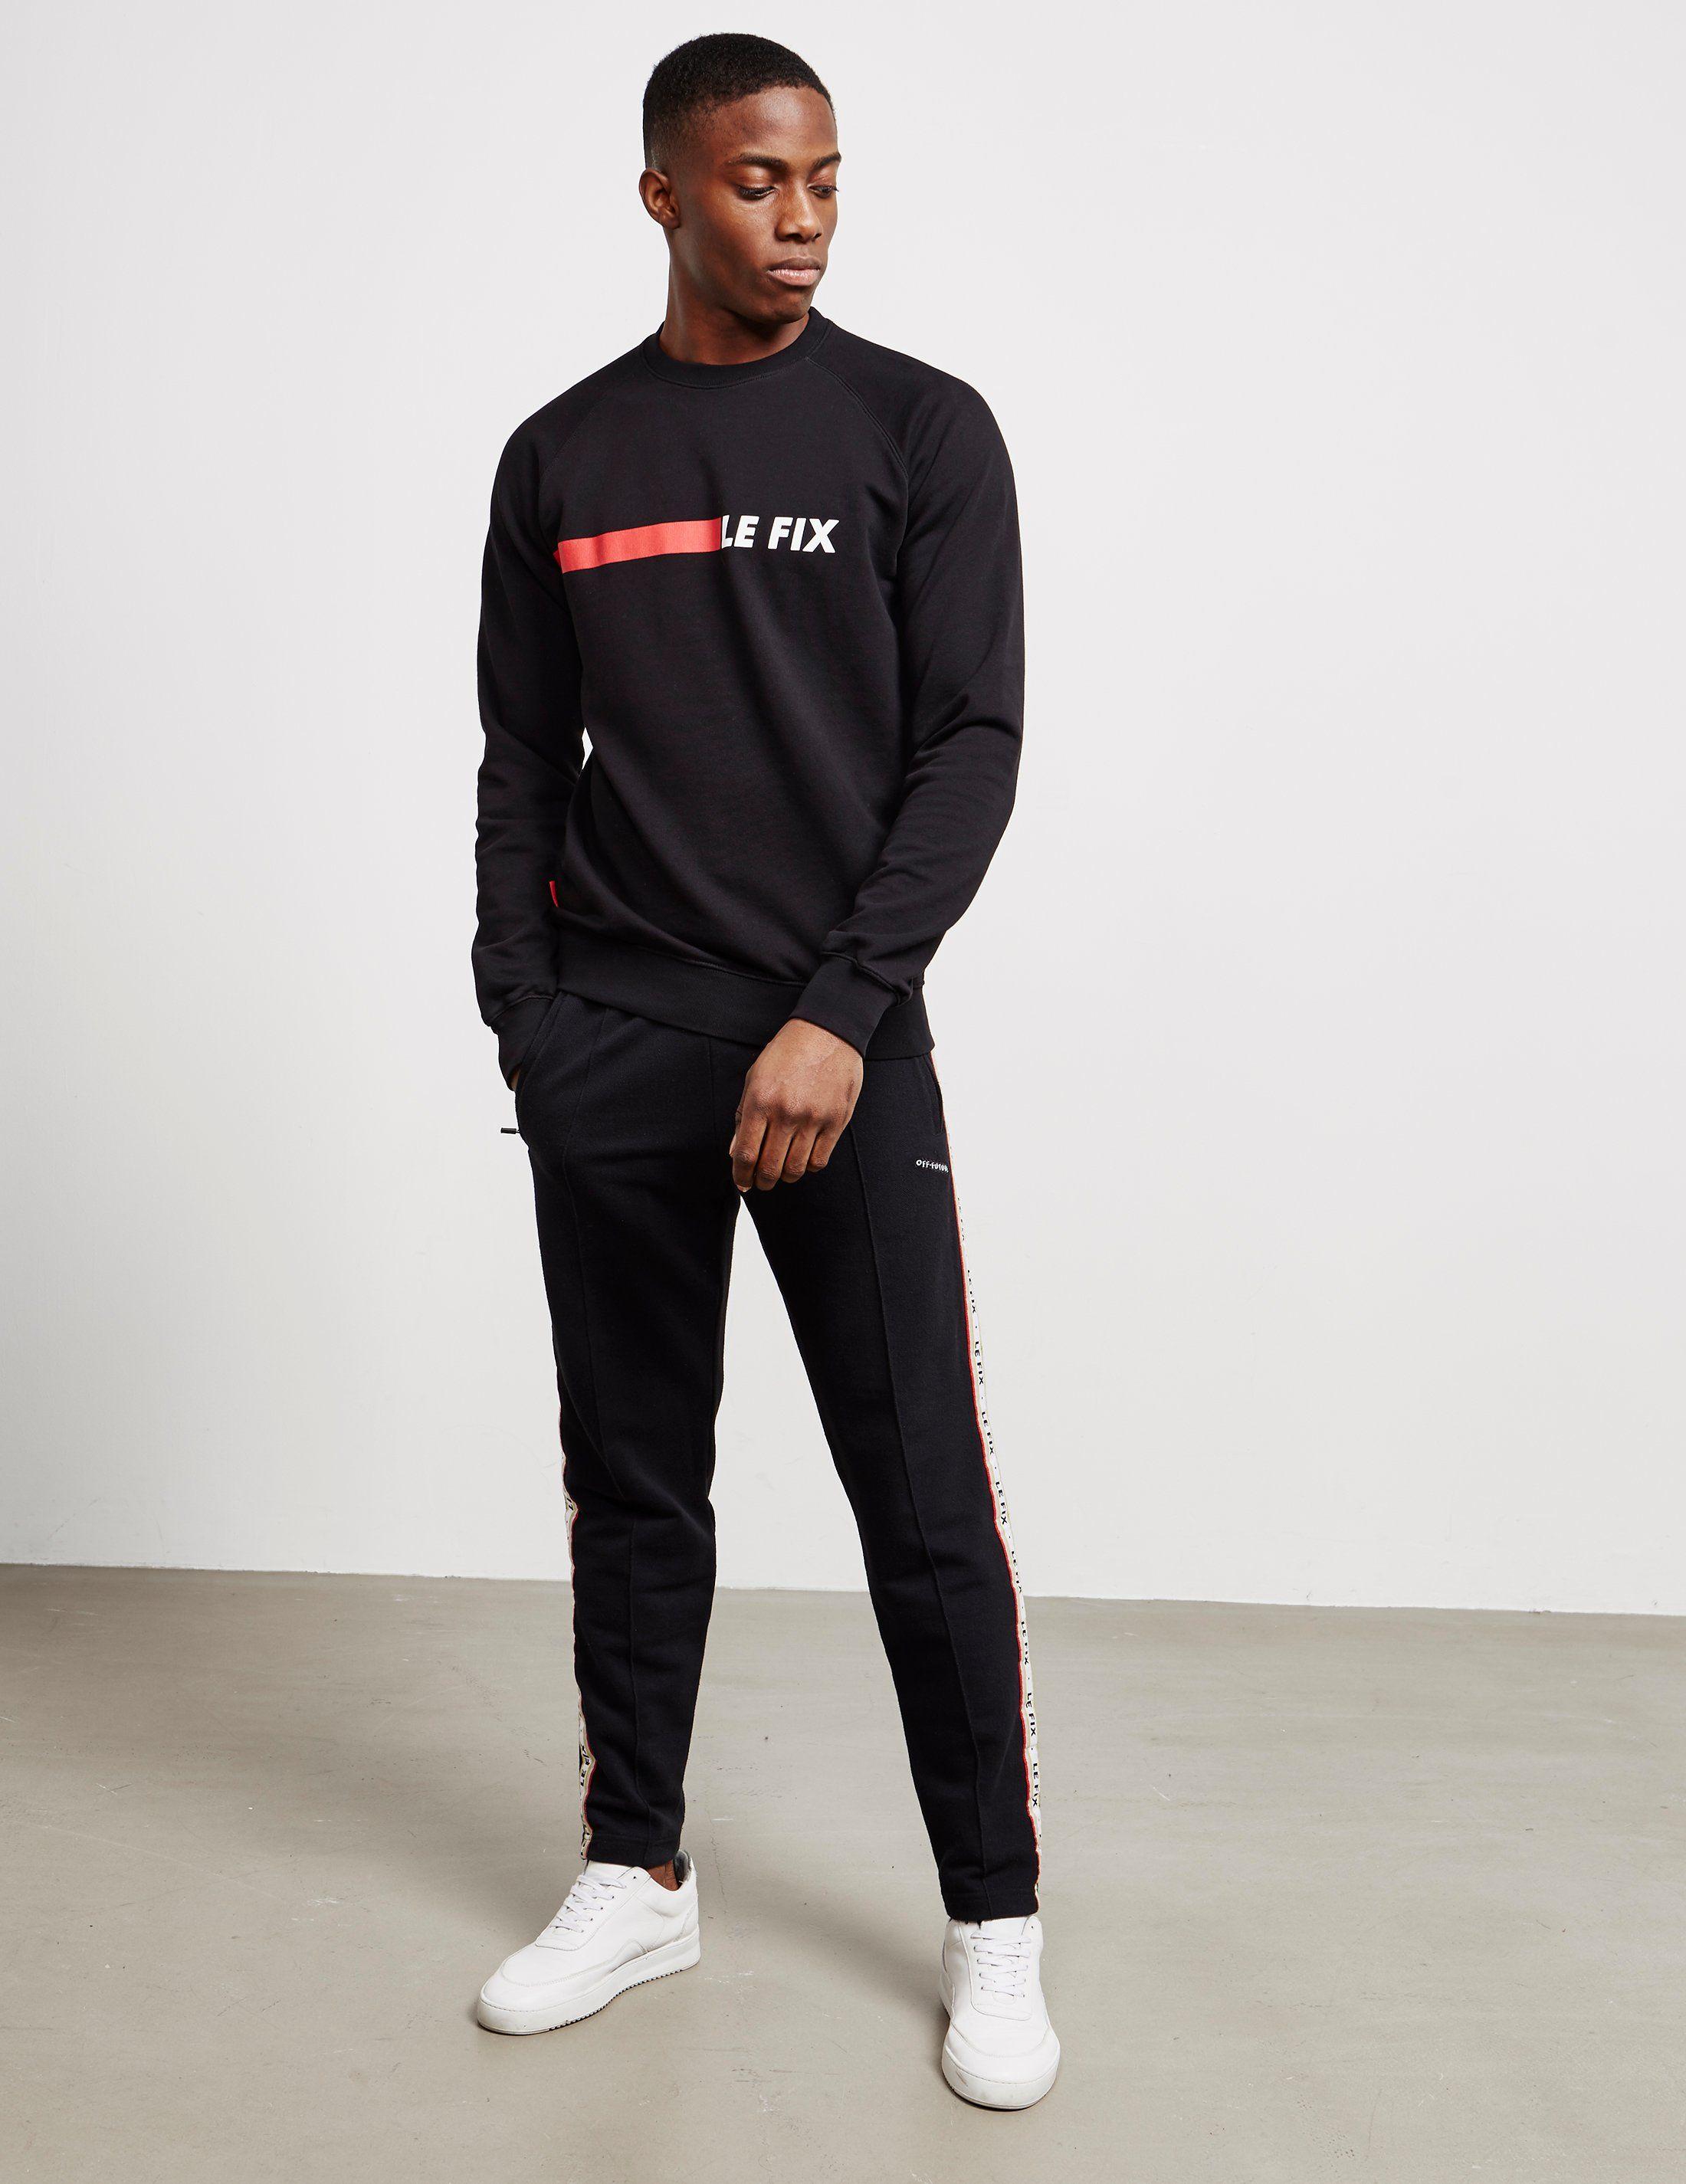 Le Fix Candy Sweatshirt